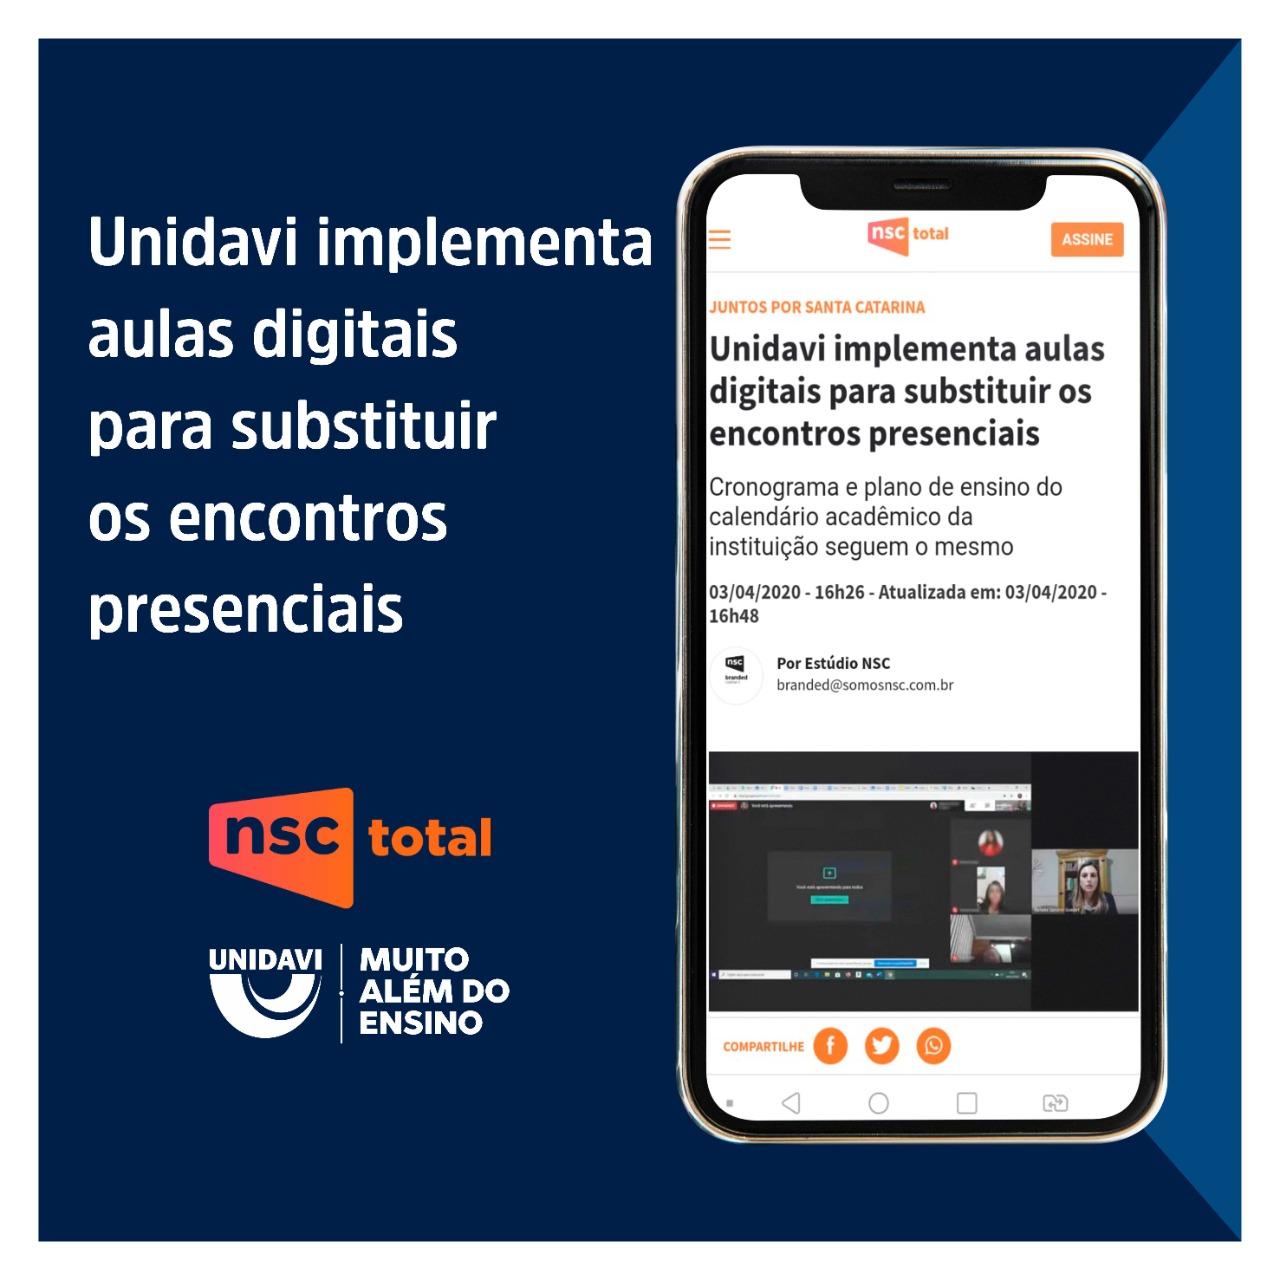 Unidavi implementa aulas digitais para substituir encontros presenciais